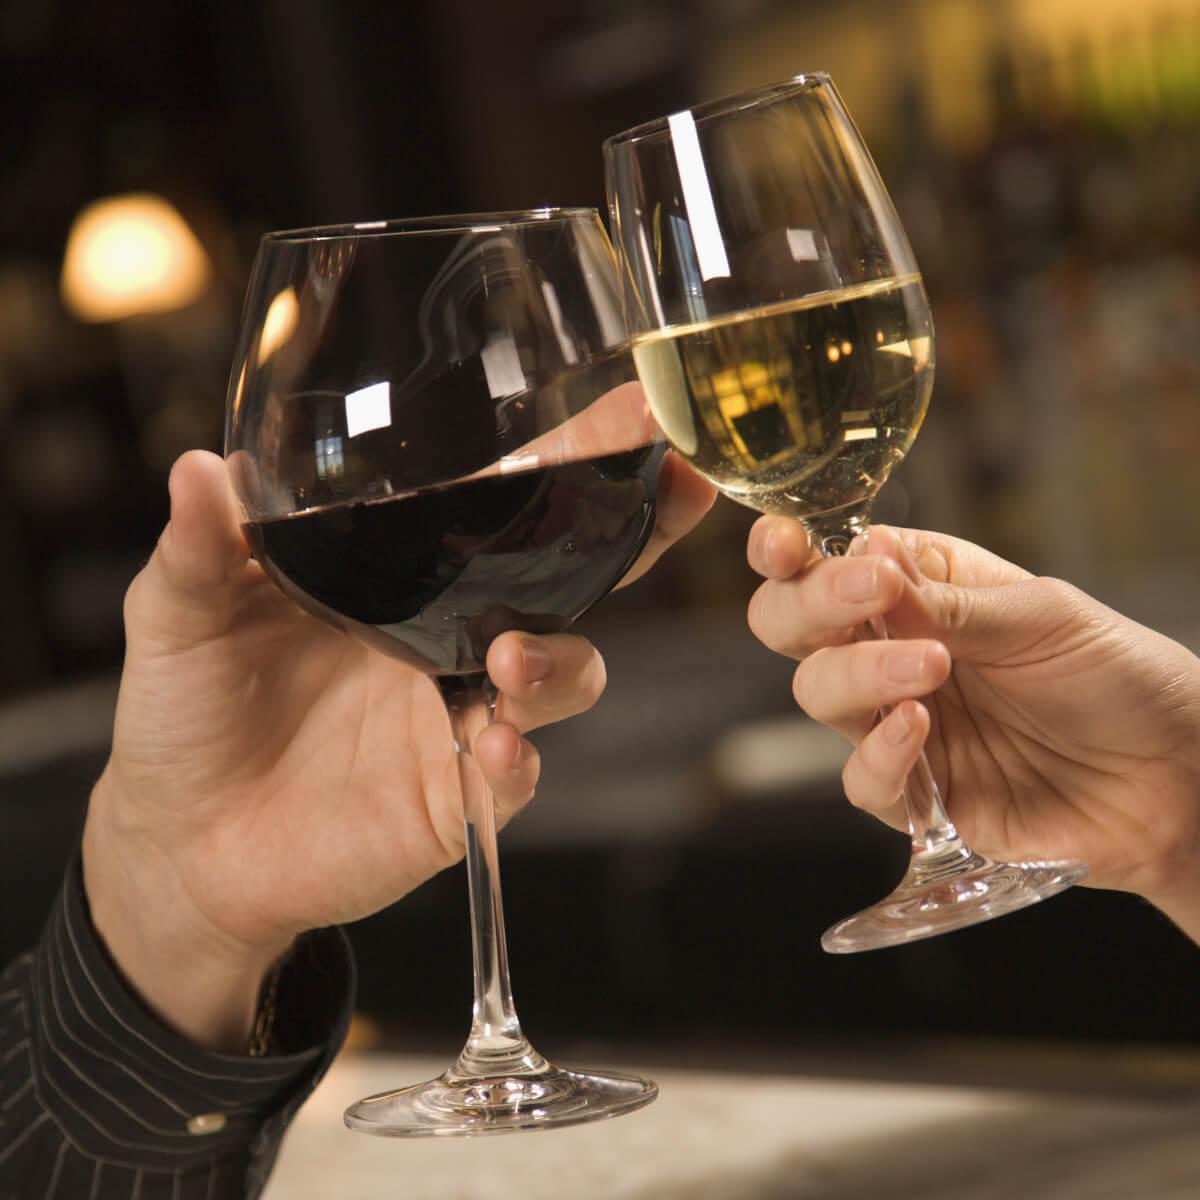 Два бокала вина картинки